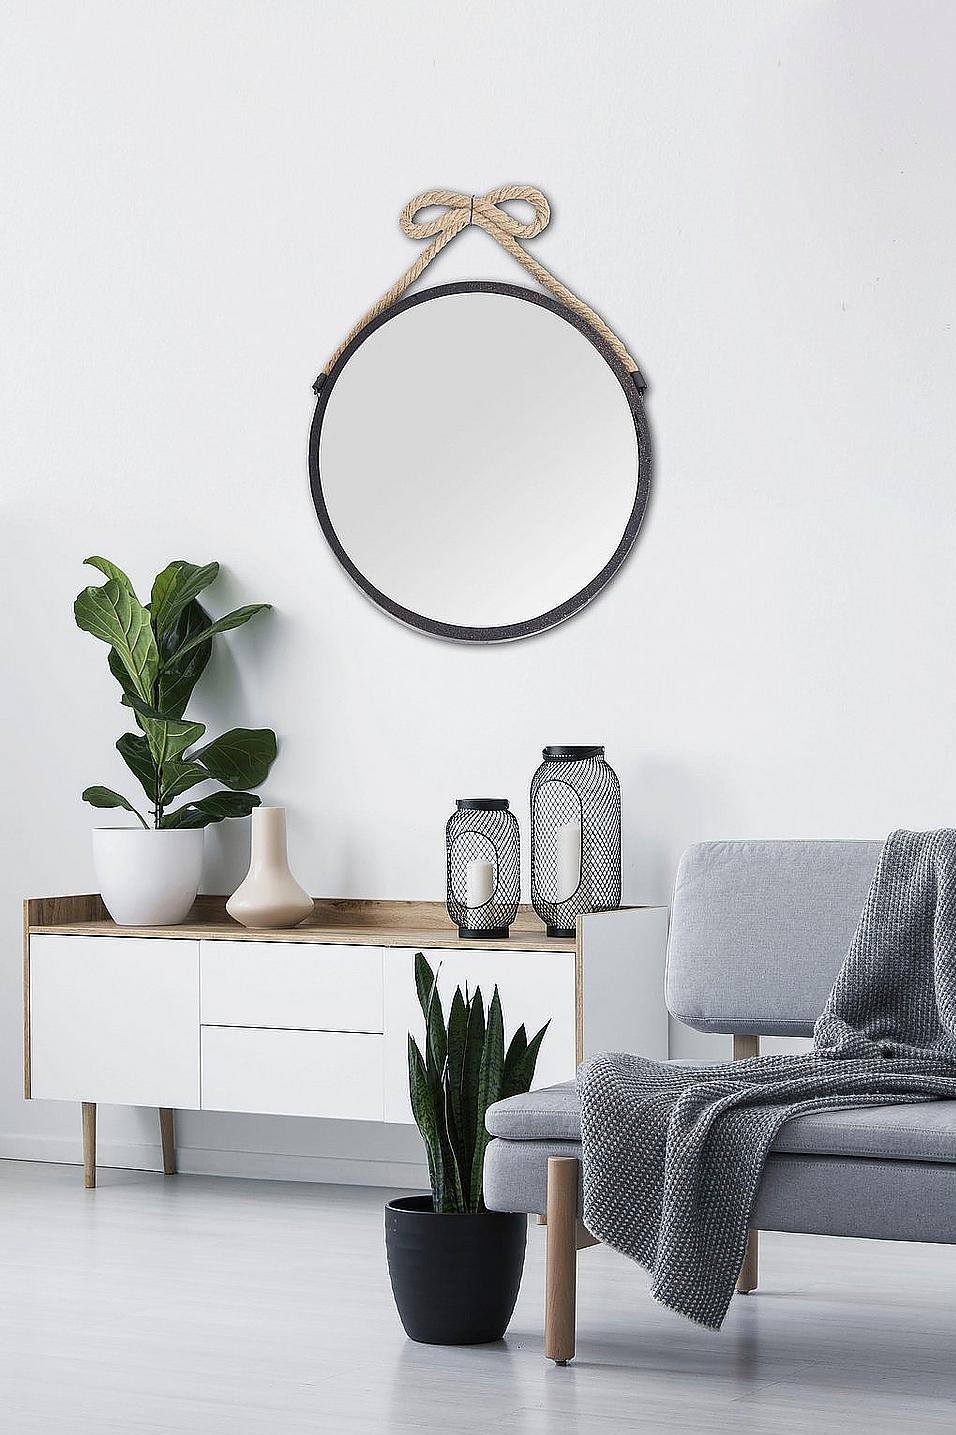 Spiegel »Hannah« kaufen  BAUR  Wandspiegel, Wandspiegel rund